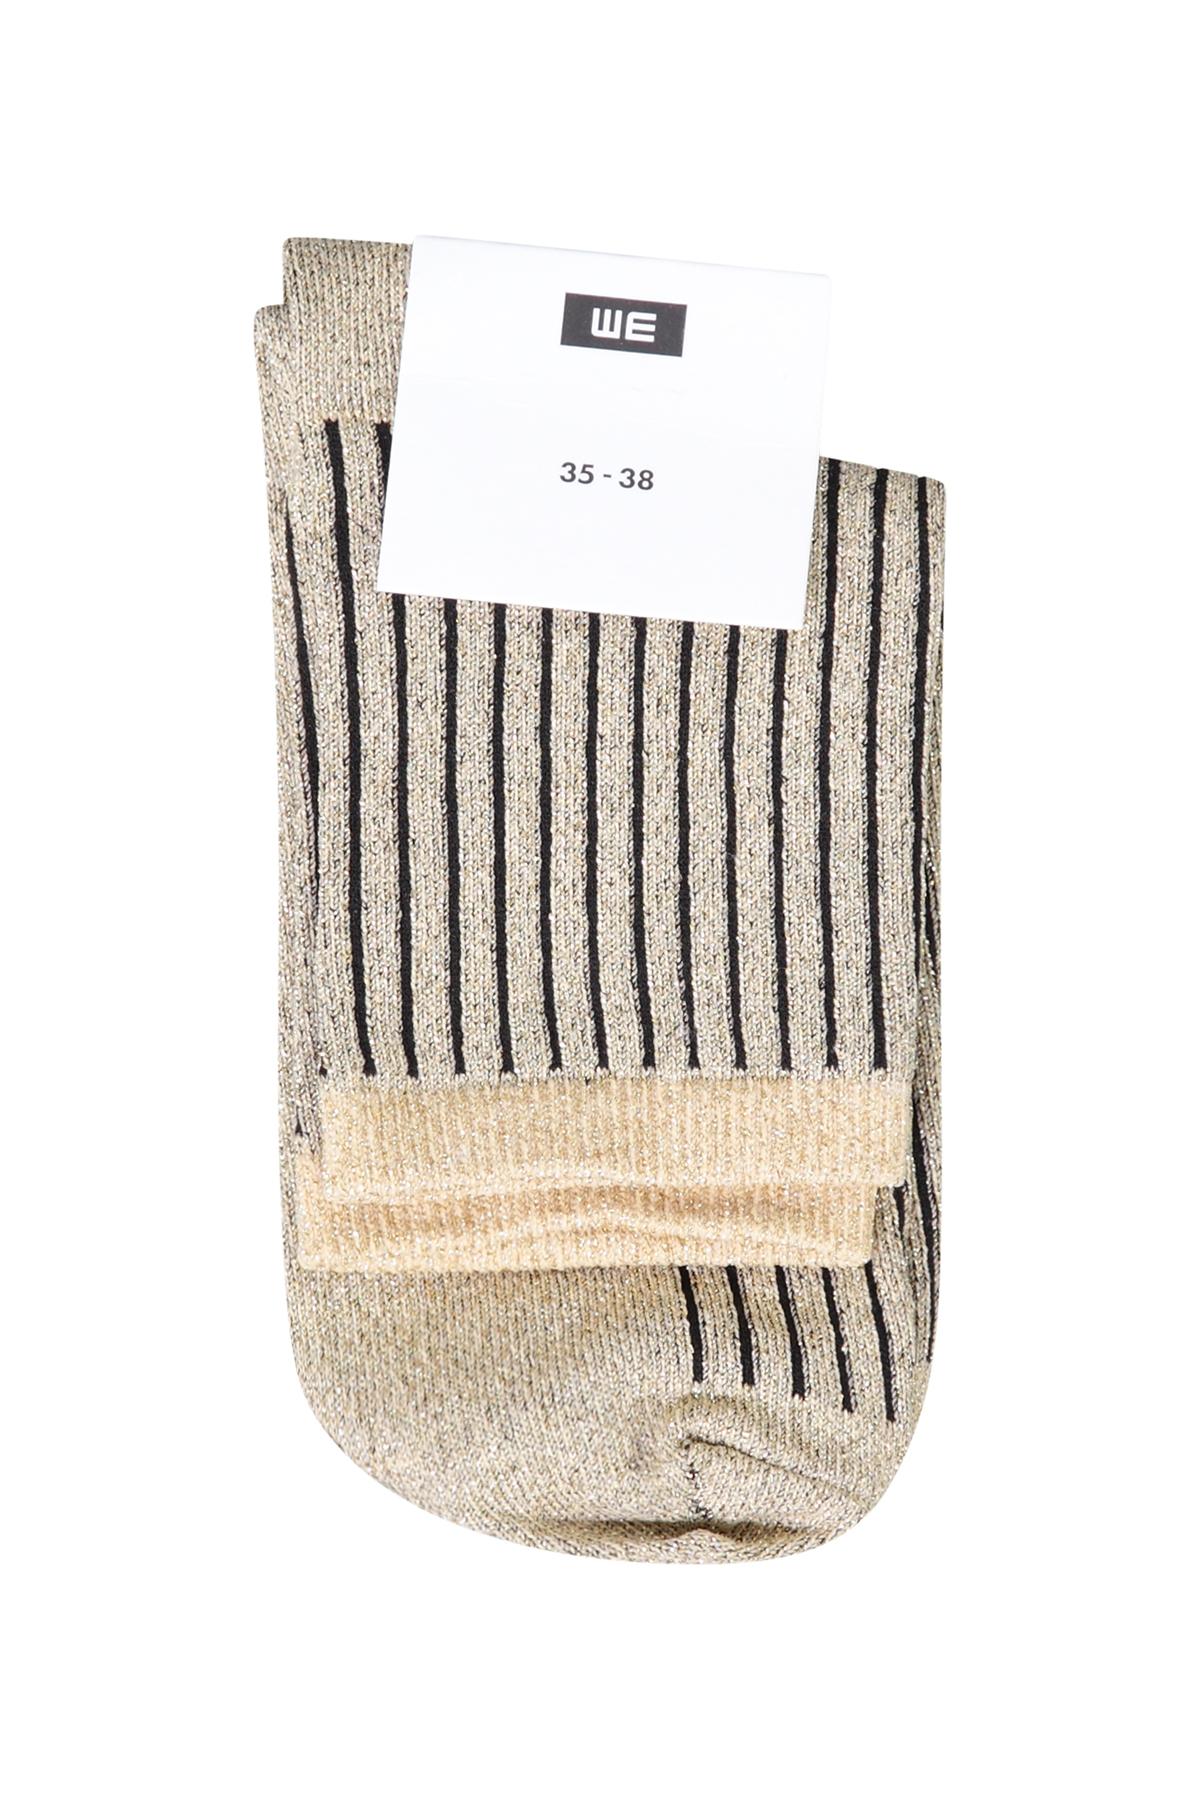 magasin en ligne gros remise acheter pas cher Chaussettes à paillettes femme | 94794915 - WE Fashion